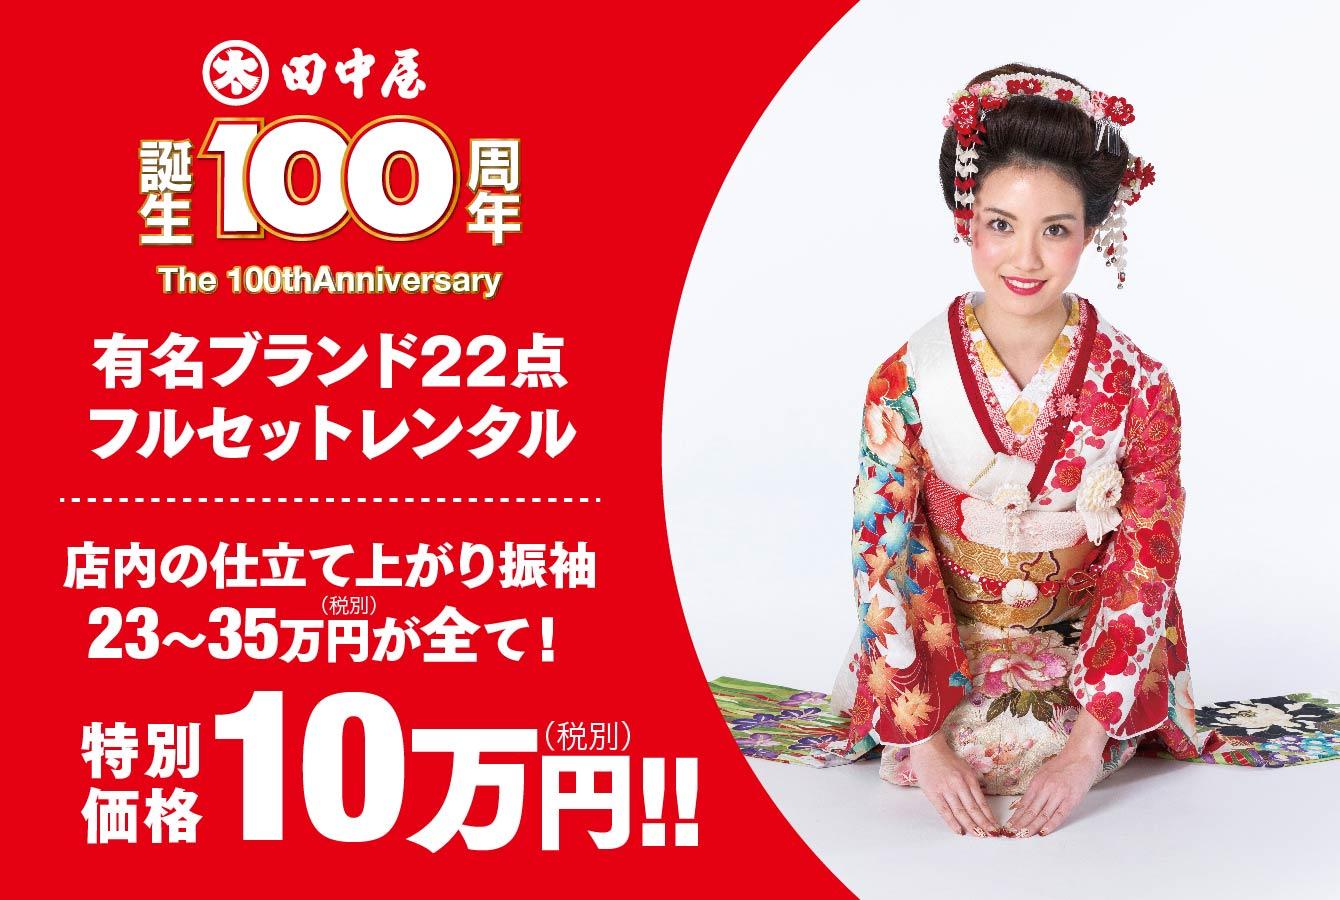 有名ブランド22点フルセットレンタル10万円